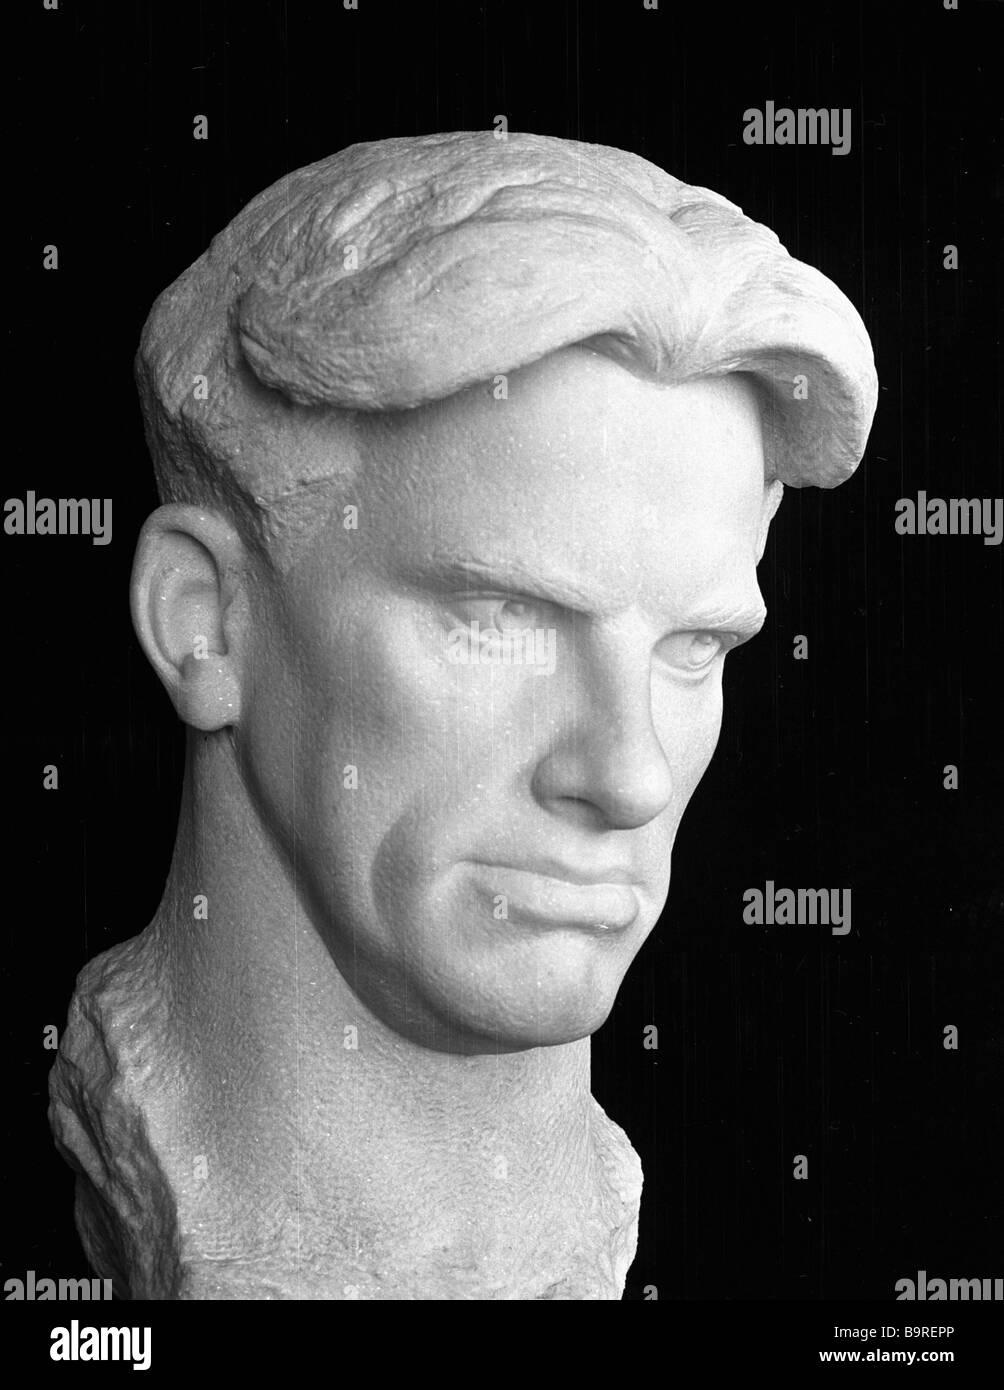 The Vladimir Mayakovski sculptural portrait by Nikolai Tomski - Stock Image